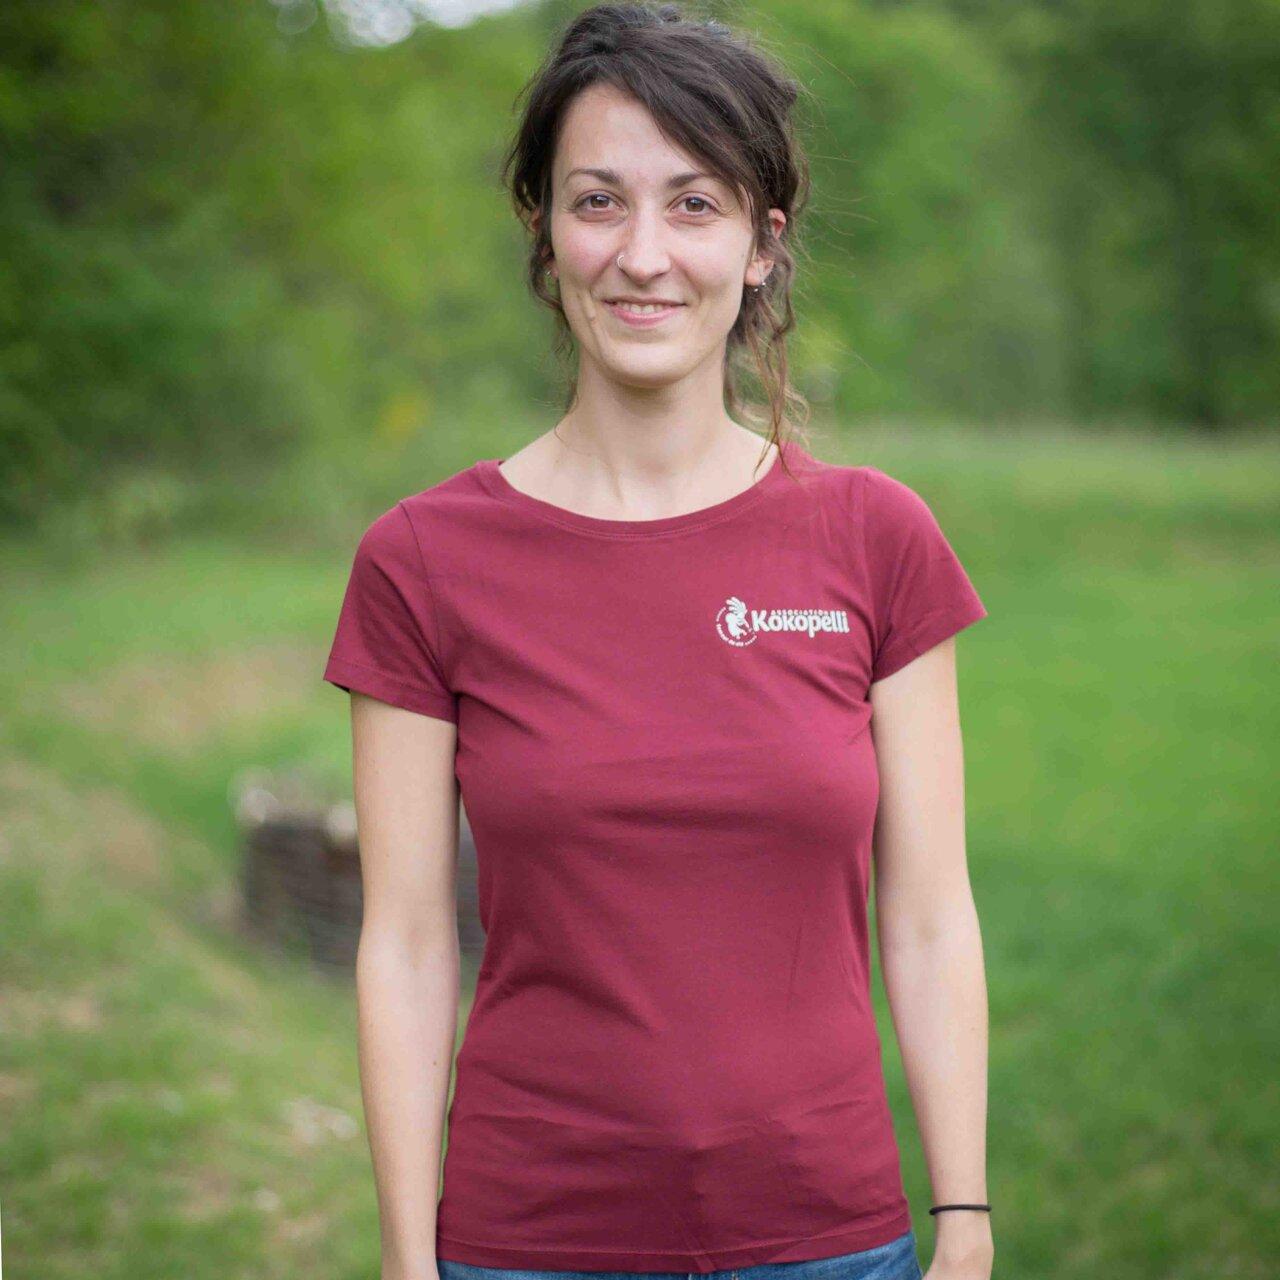 Vêtements - T-Shirt femme burgundy, taille M